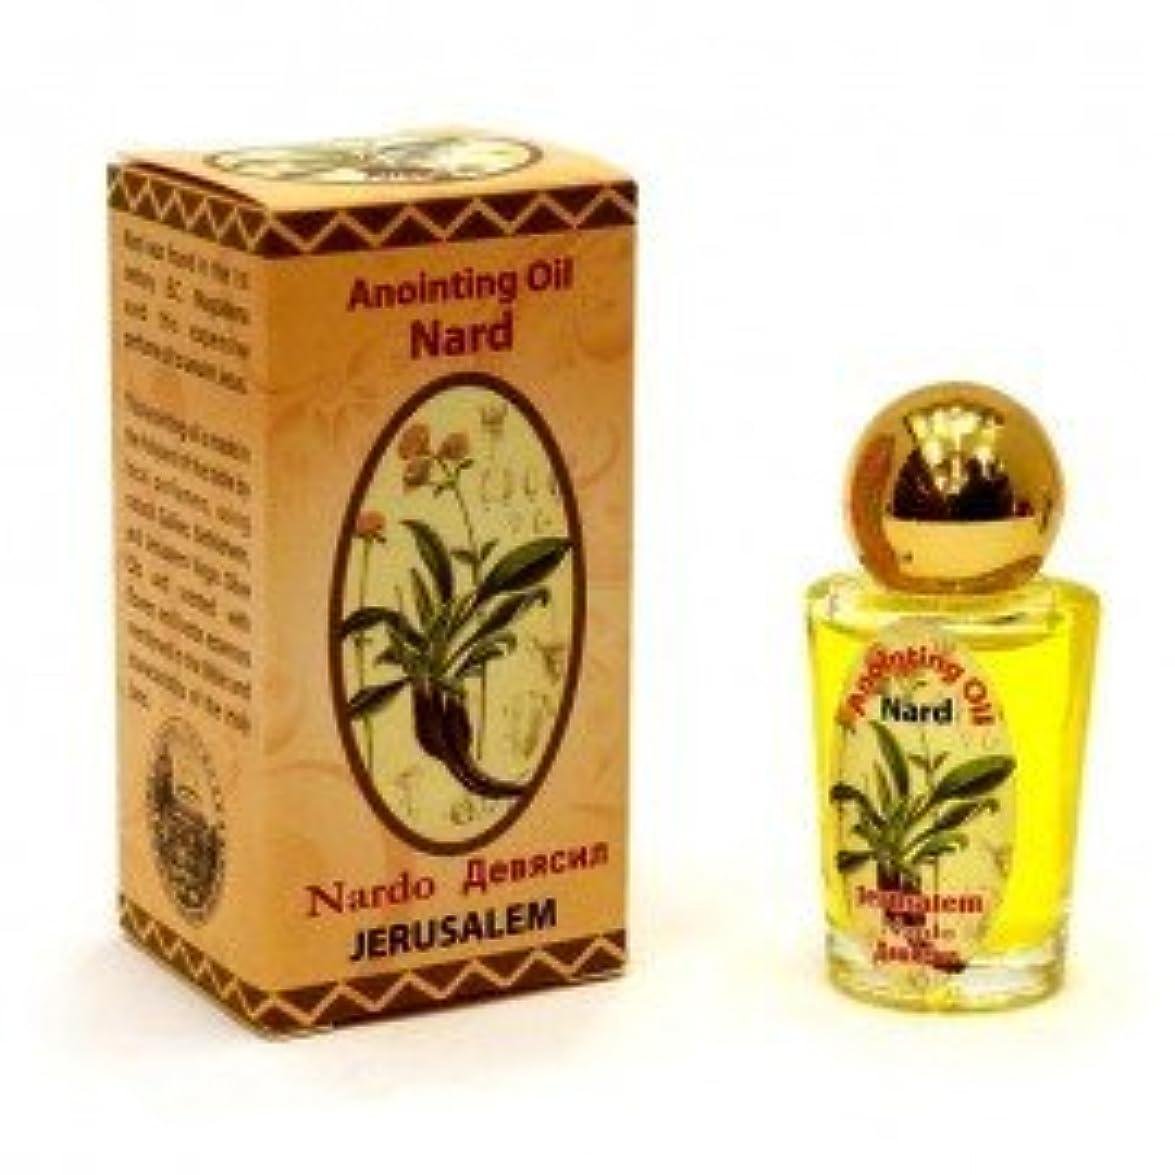 キルスじゃない小屋Nard Nardo Anointingオイルボトル30?ml Authentic FragranceからエルサレムbyベツレヘムギフトTM